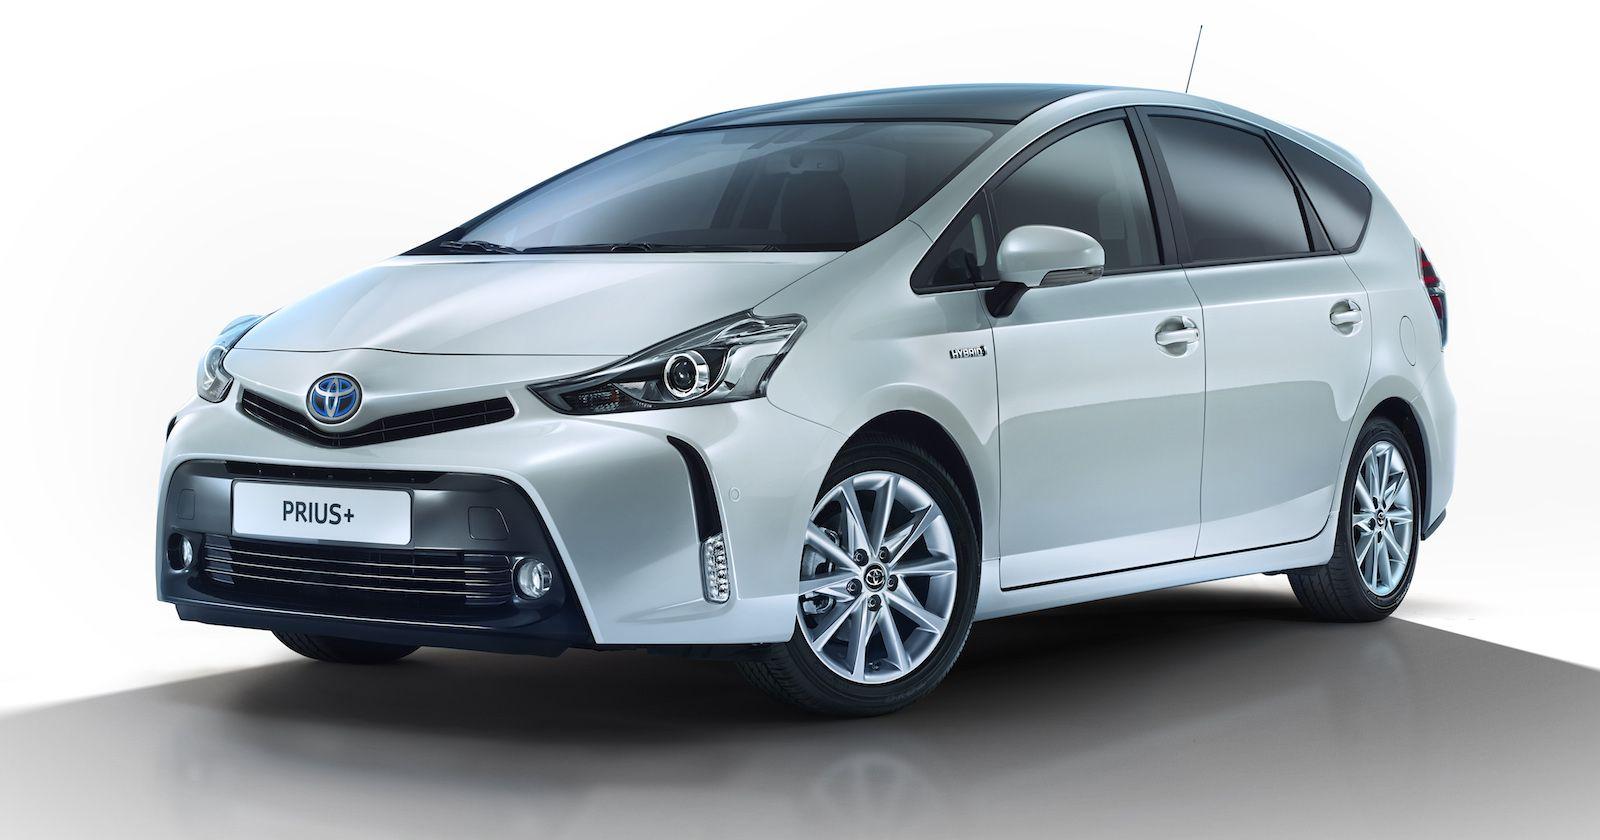 2015 Toyota Prius V Facelift Revealed Http Www Caradvice Com